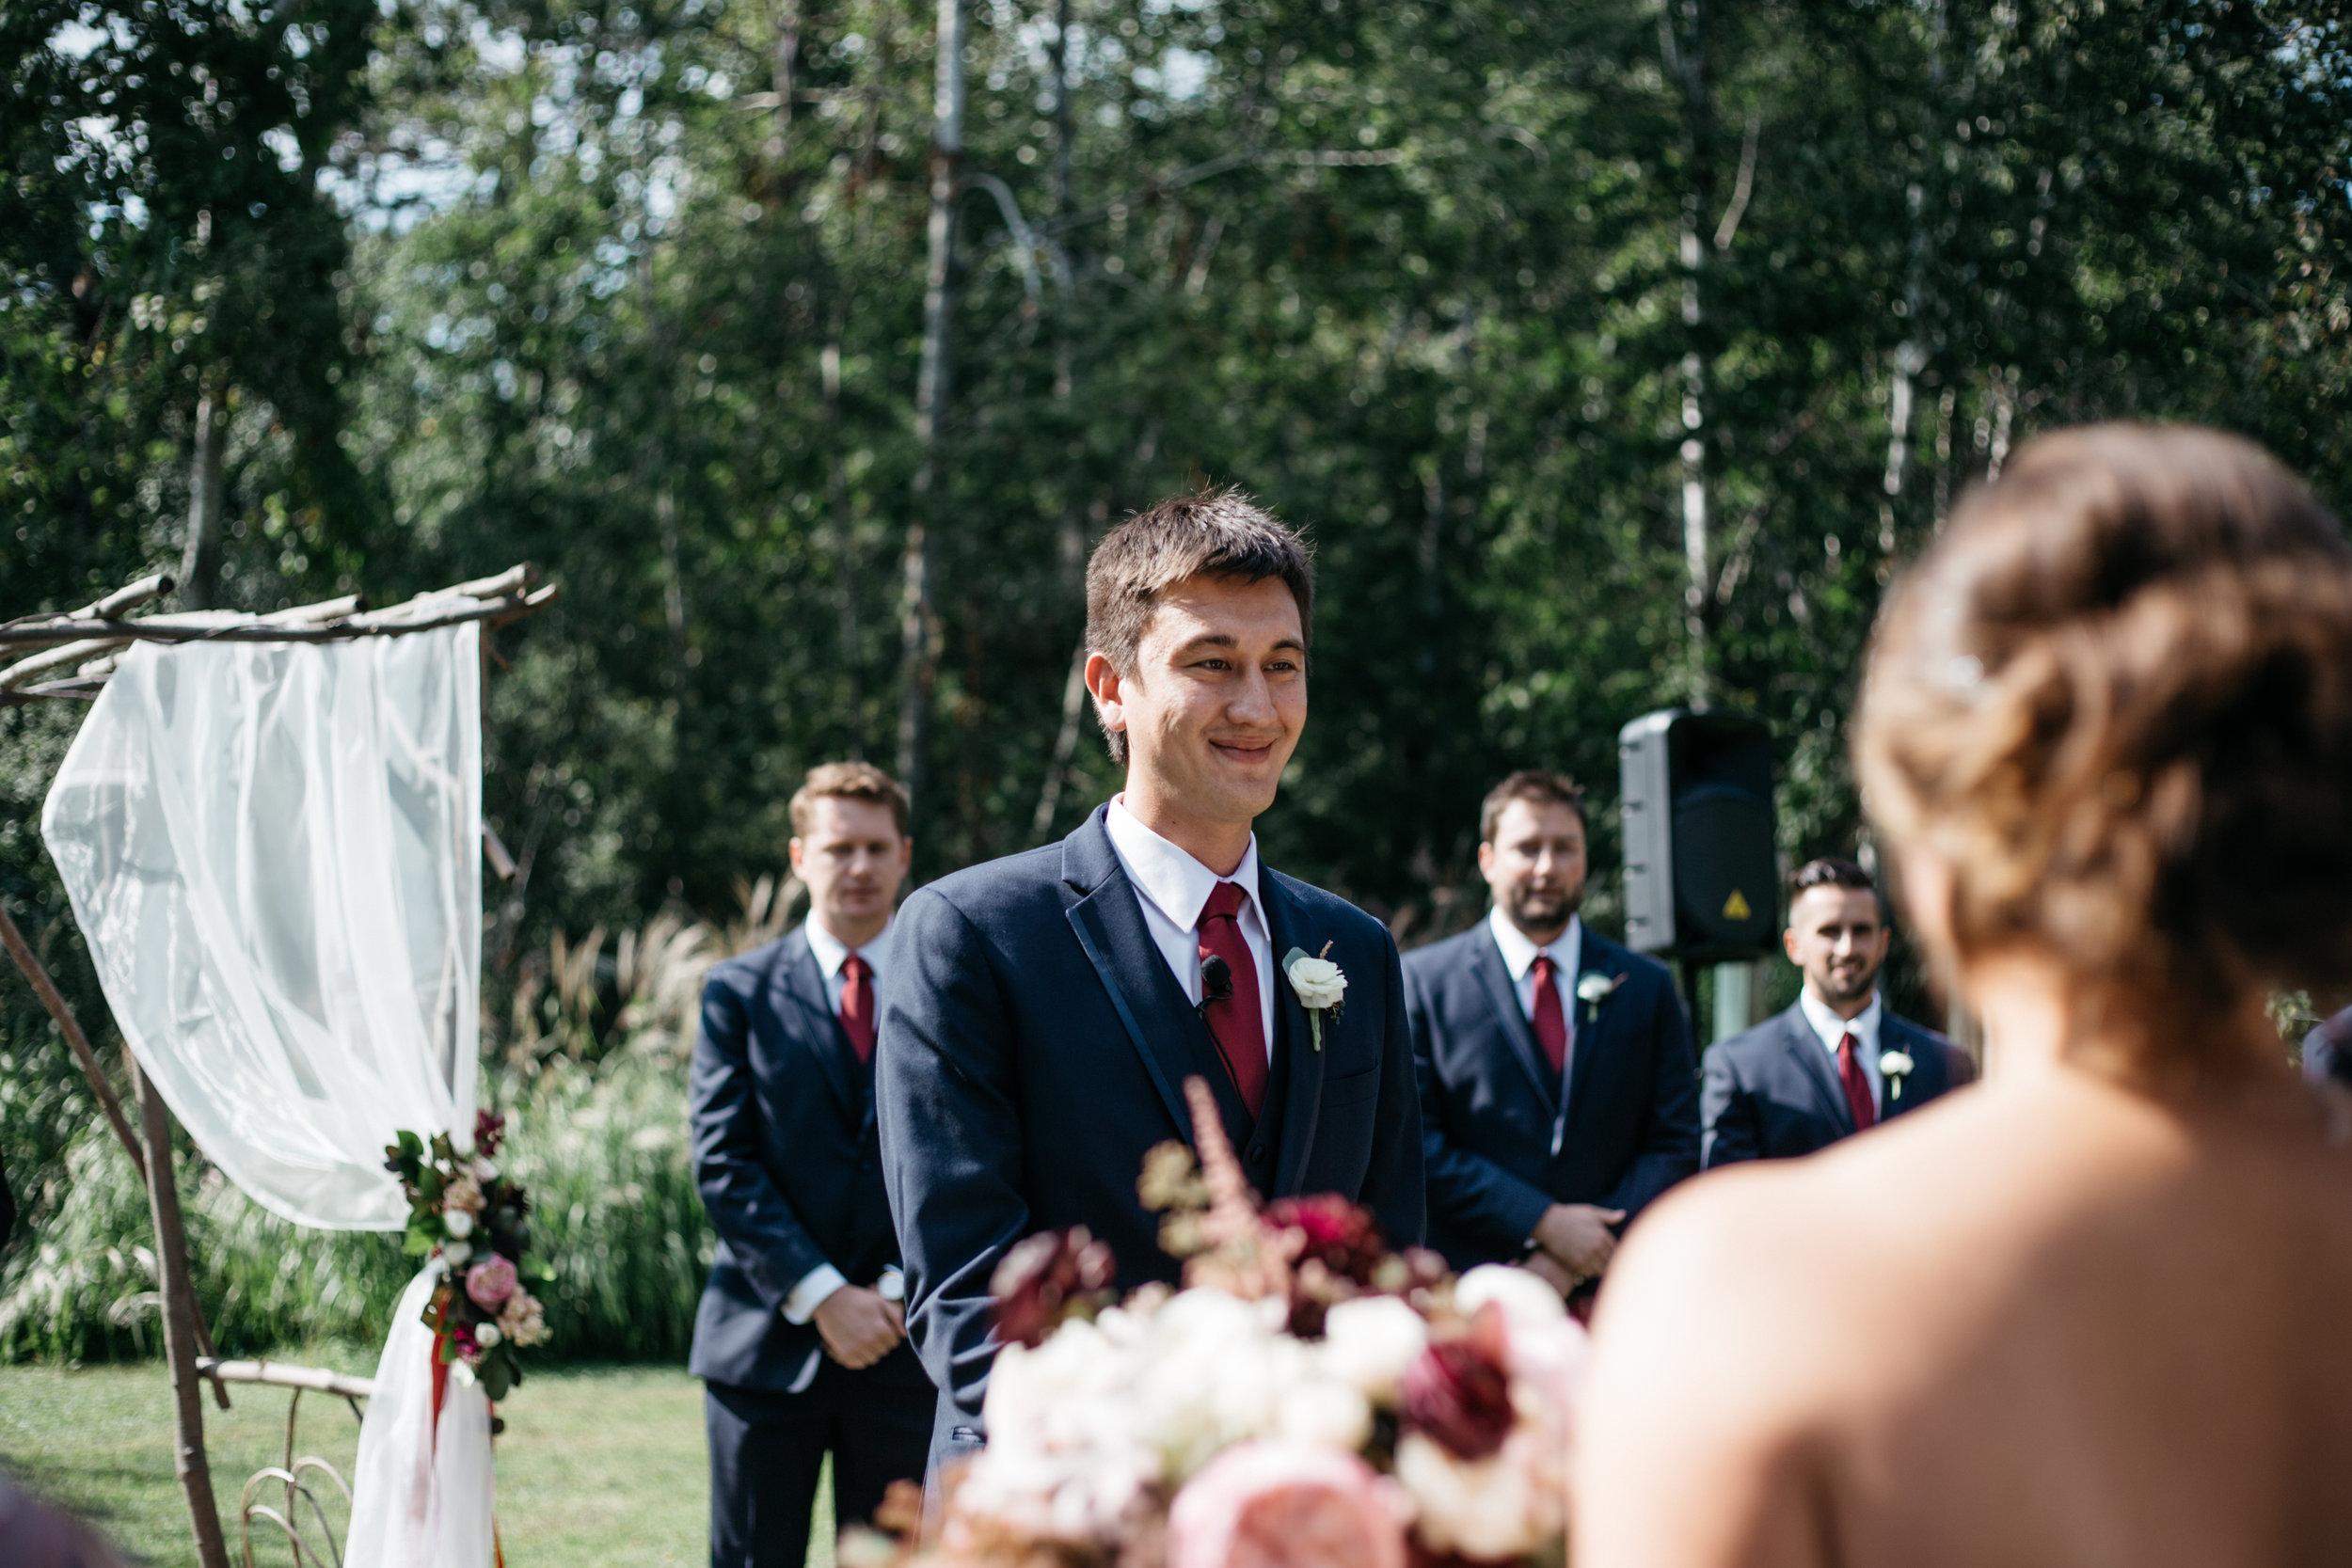 http://brittdezeeuw.com/journal/lauren-and-trey-grandview-lodge-wedding-gull-lake-nisswa-minnesota